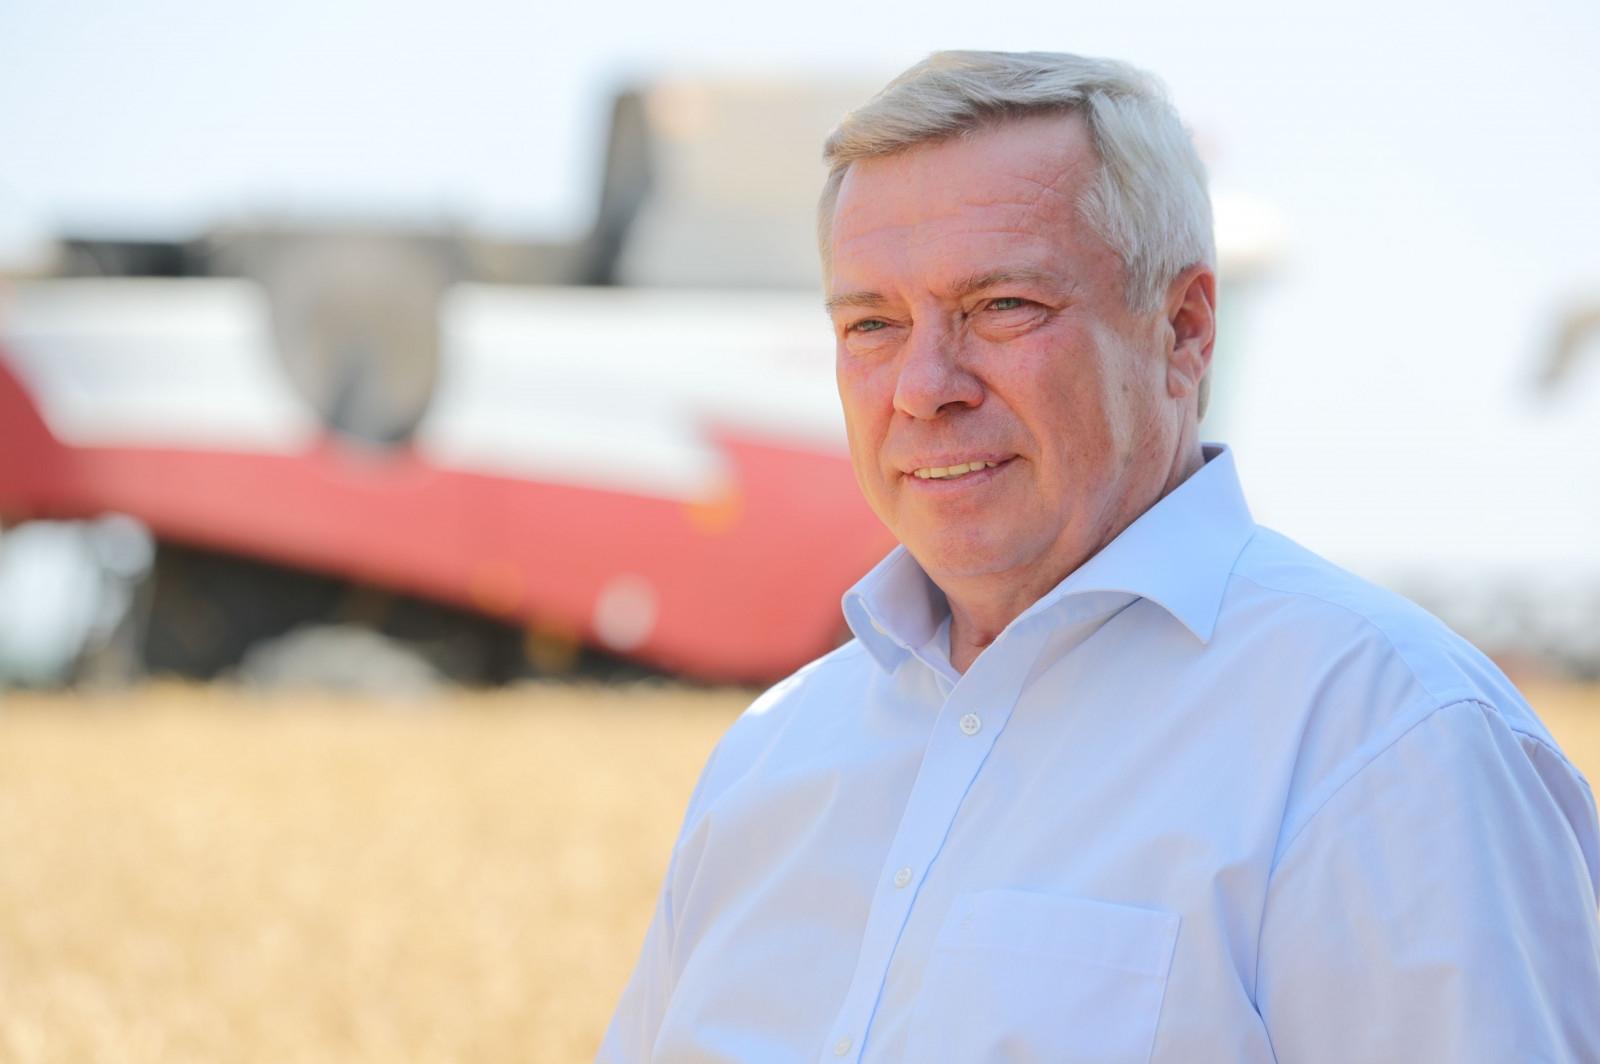 Губернатор Василий Голубев: «Донские хлеборобы намолотили уже 10 млн тонн зерна»